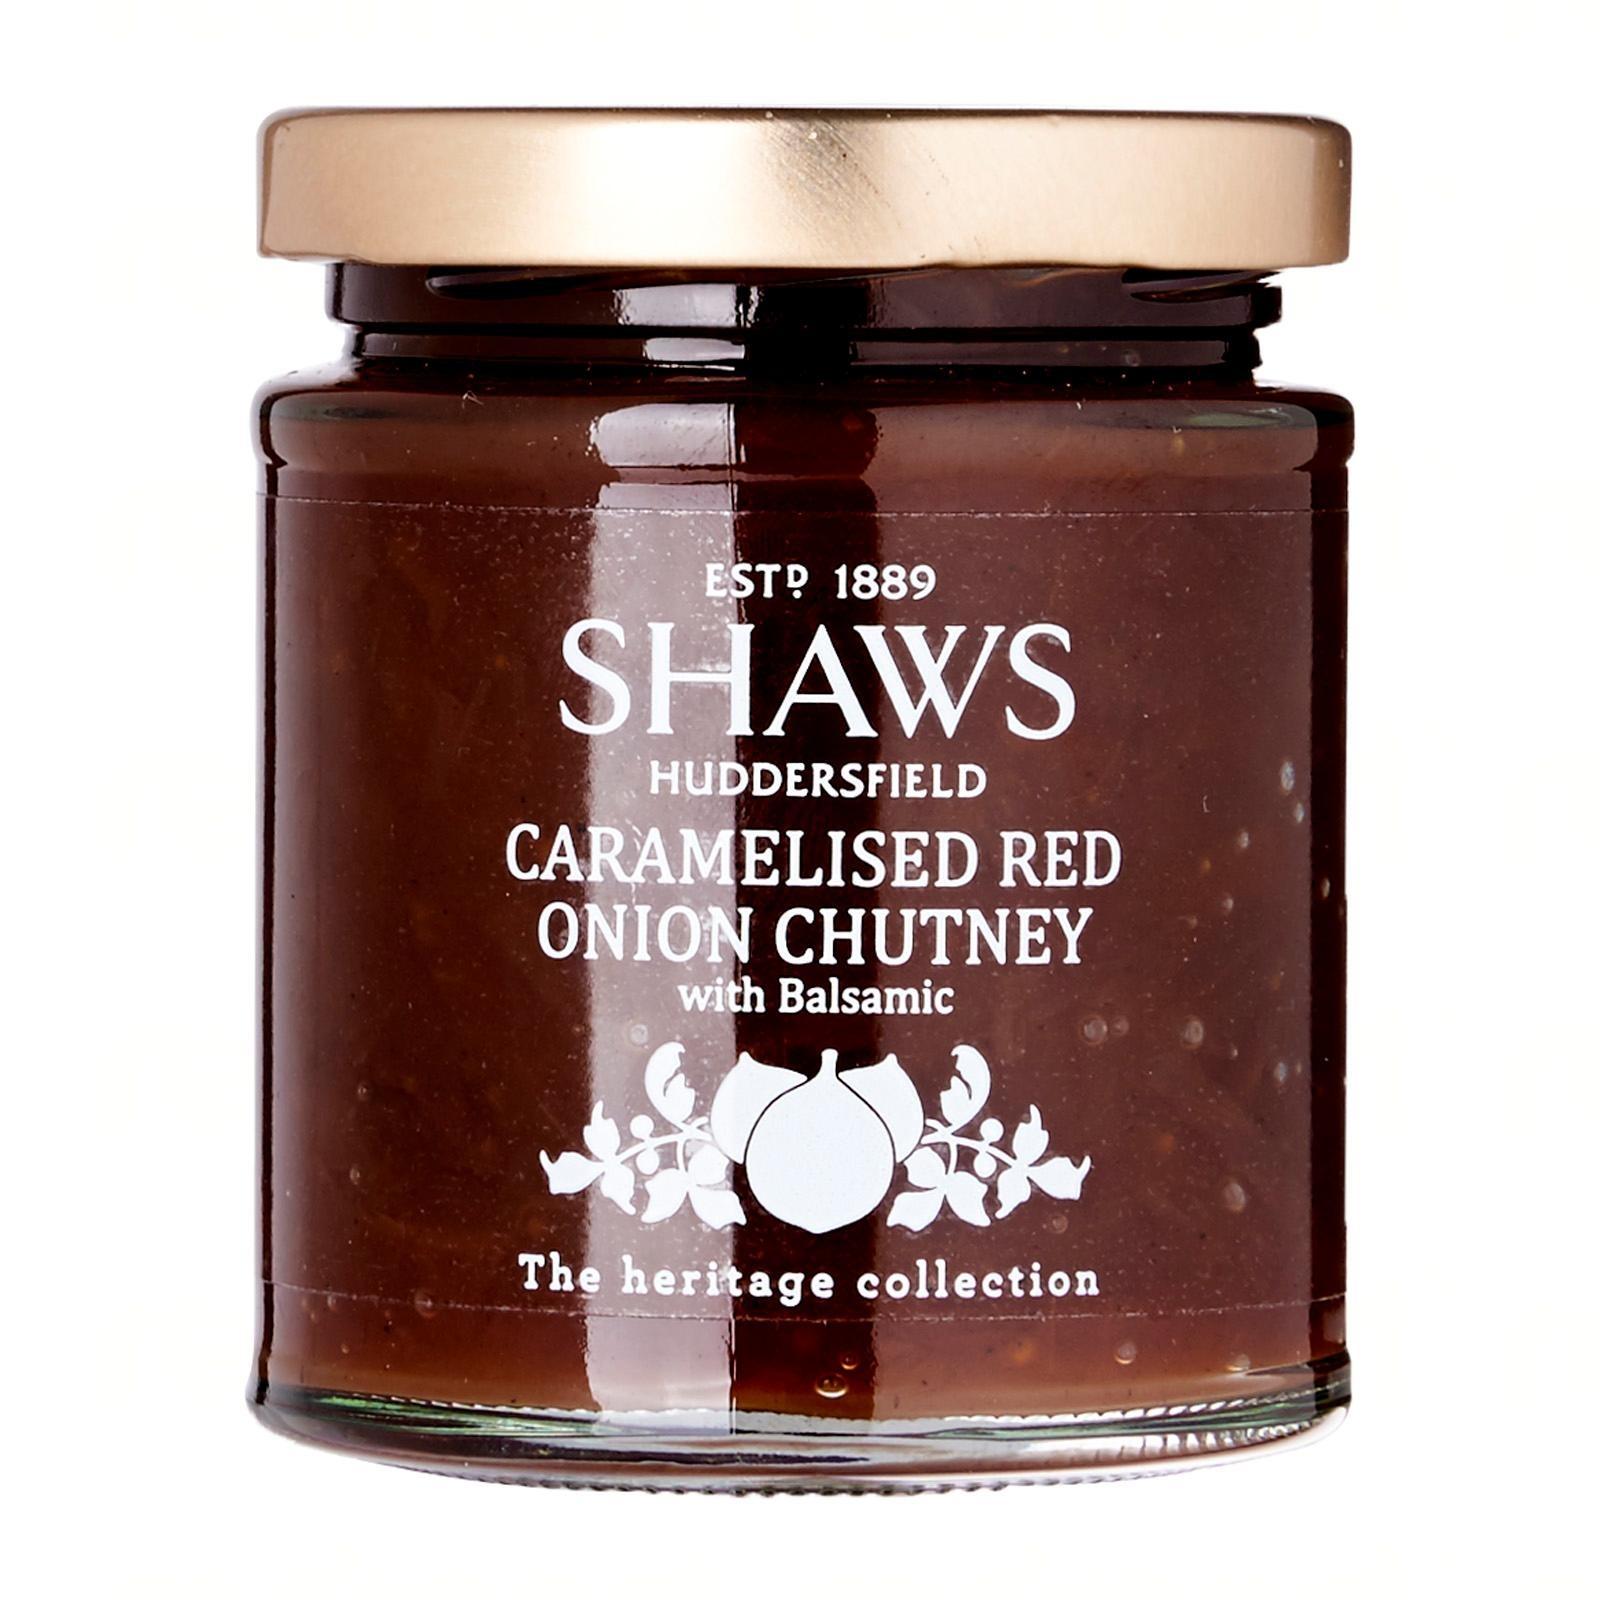 Shaws Caramelised Red Onion Chutney